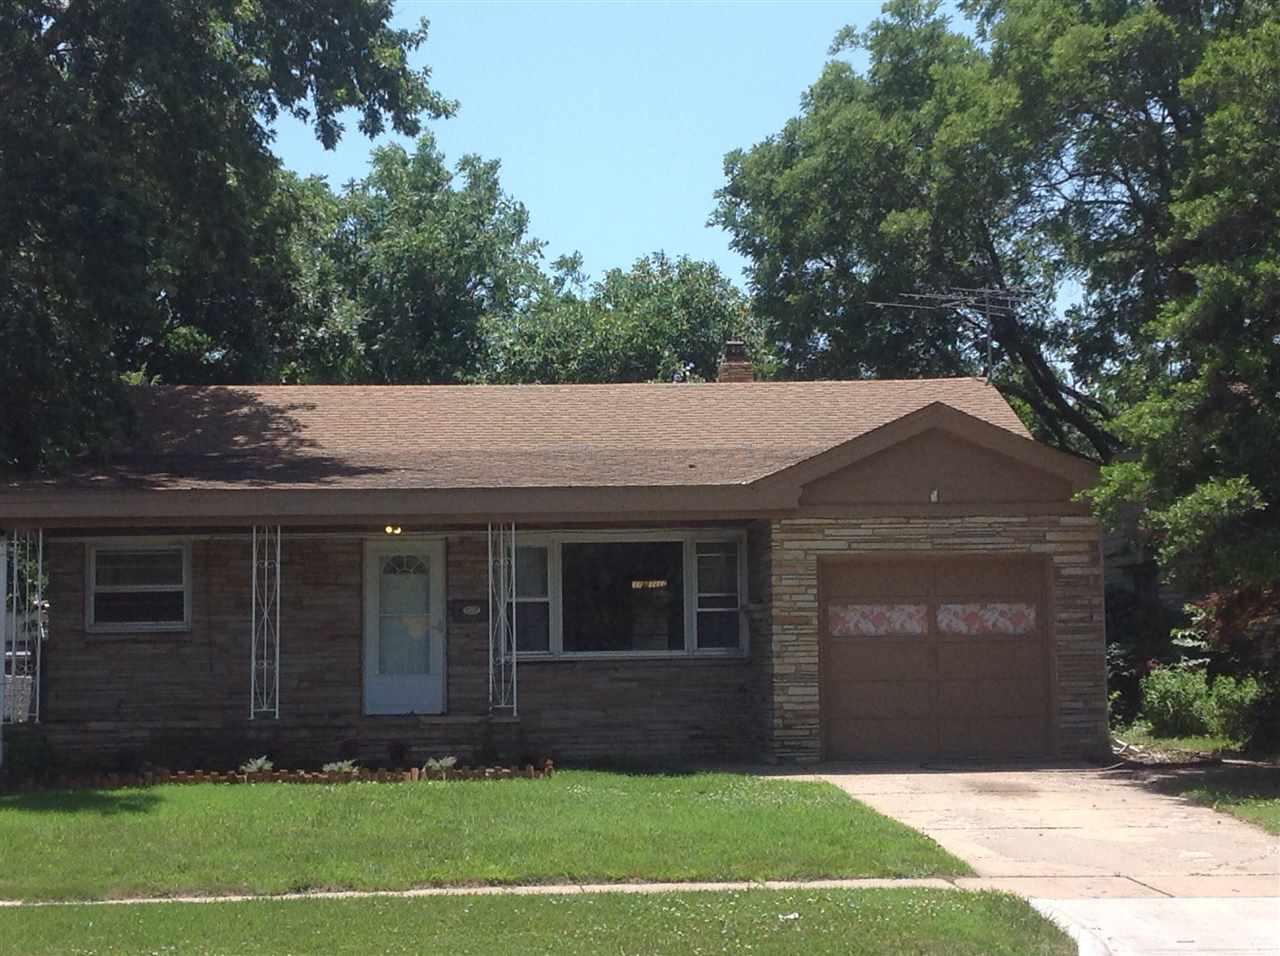 3027 E Kinkaid St, Wichita, KS 67211